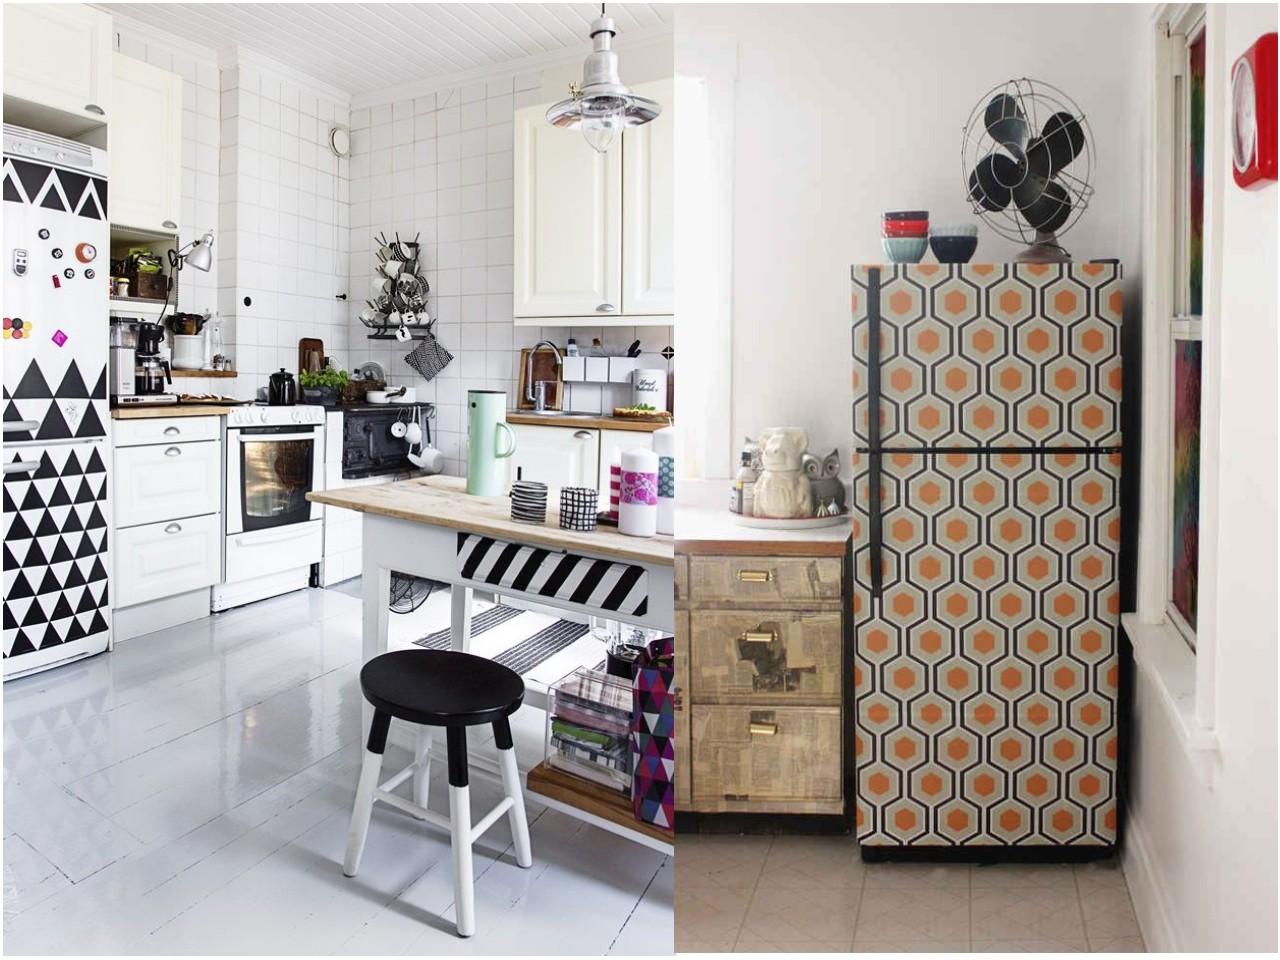 Decoraci n de cocinas con papel pintado - Cocinas con vinilos ...